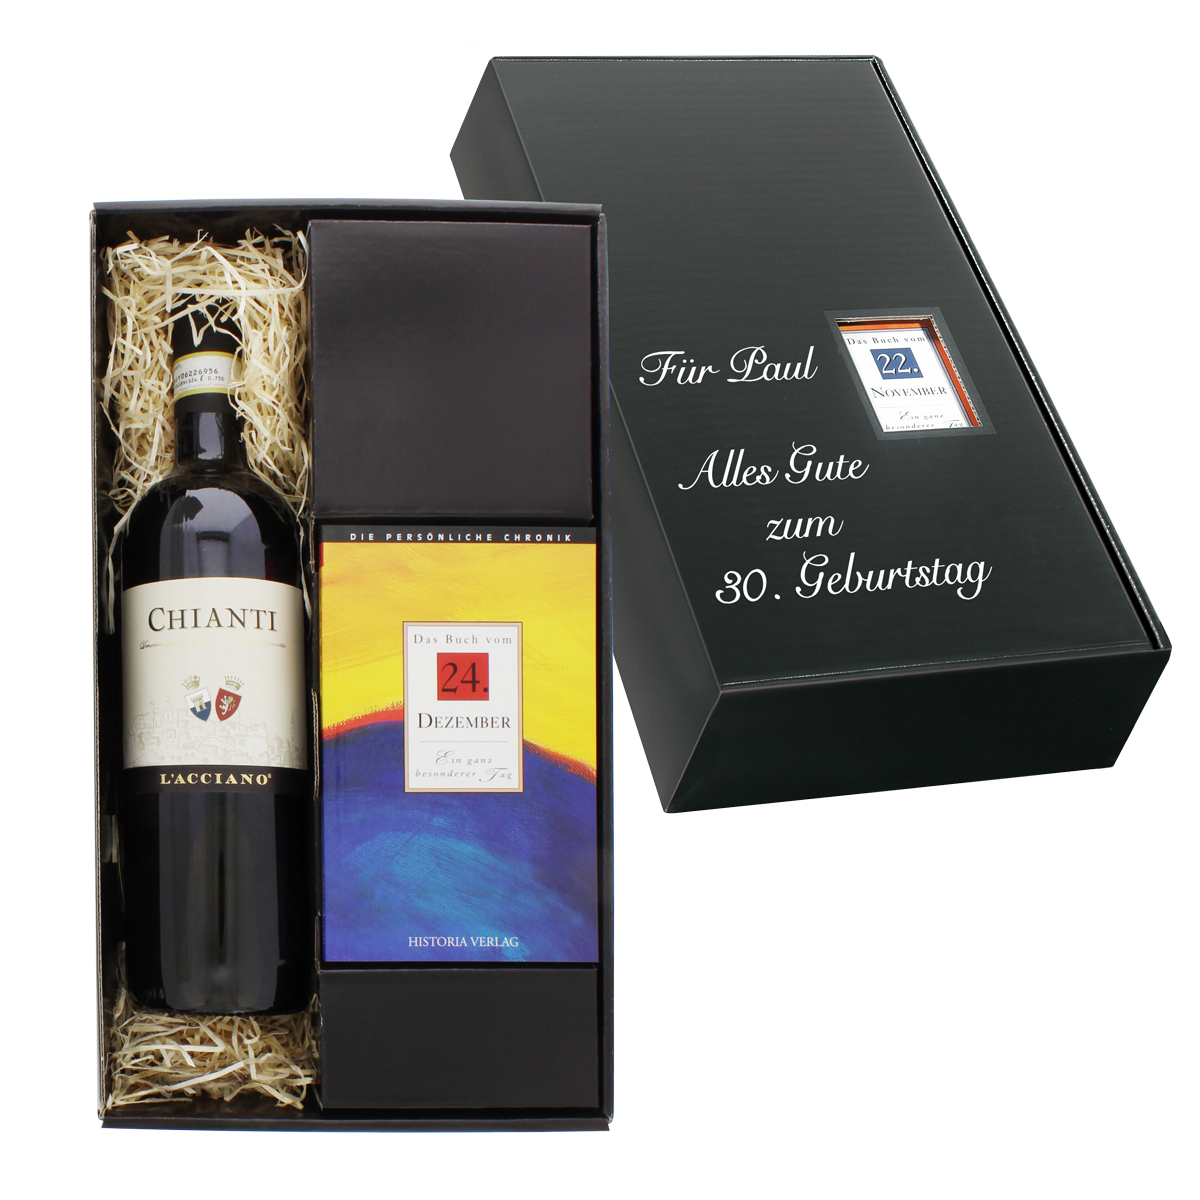 Italien-Set: Tageschronik vom 1. April & Chianti-Wein